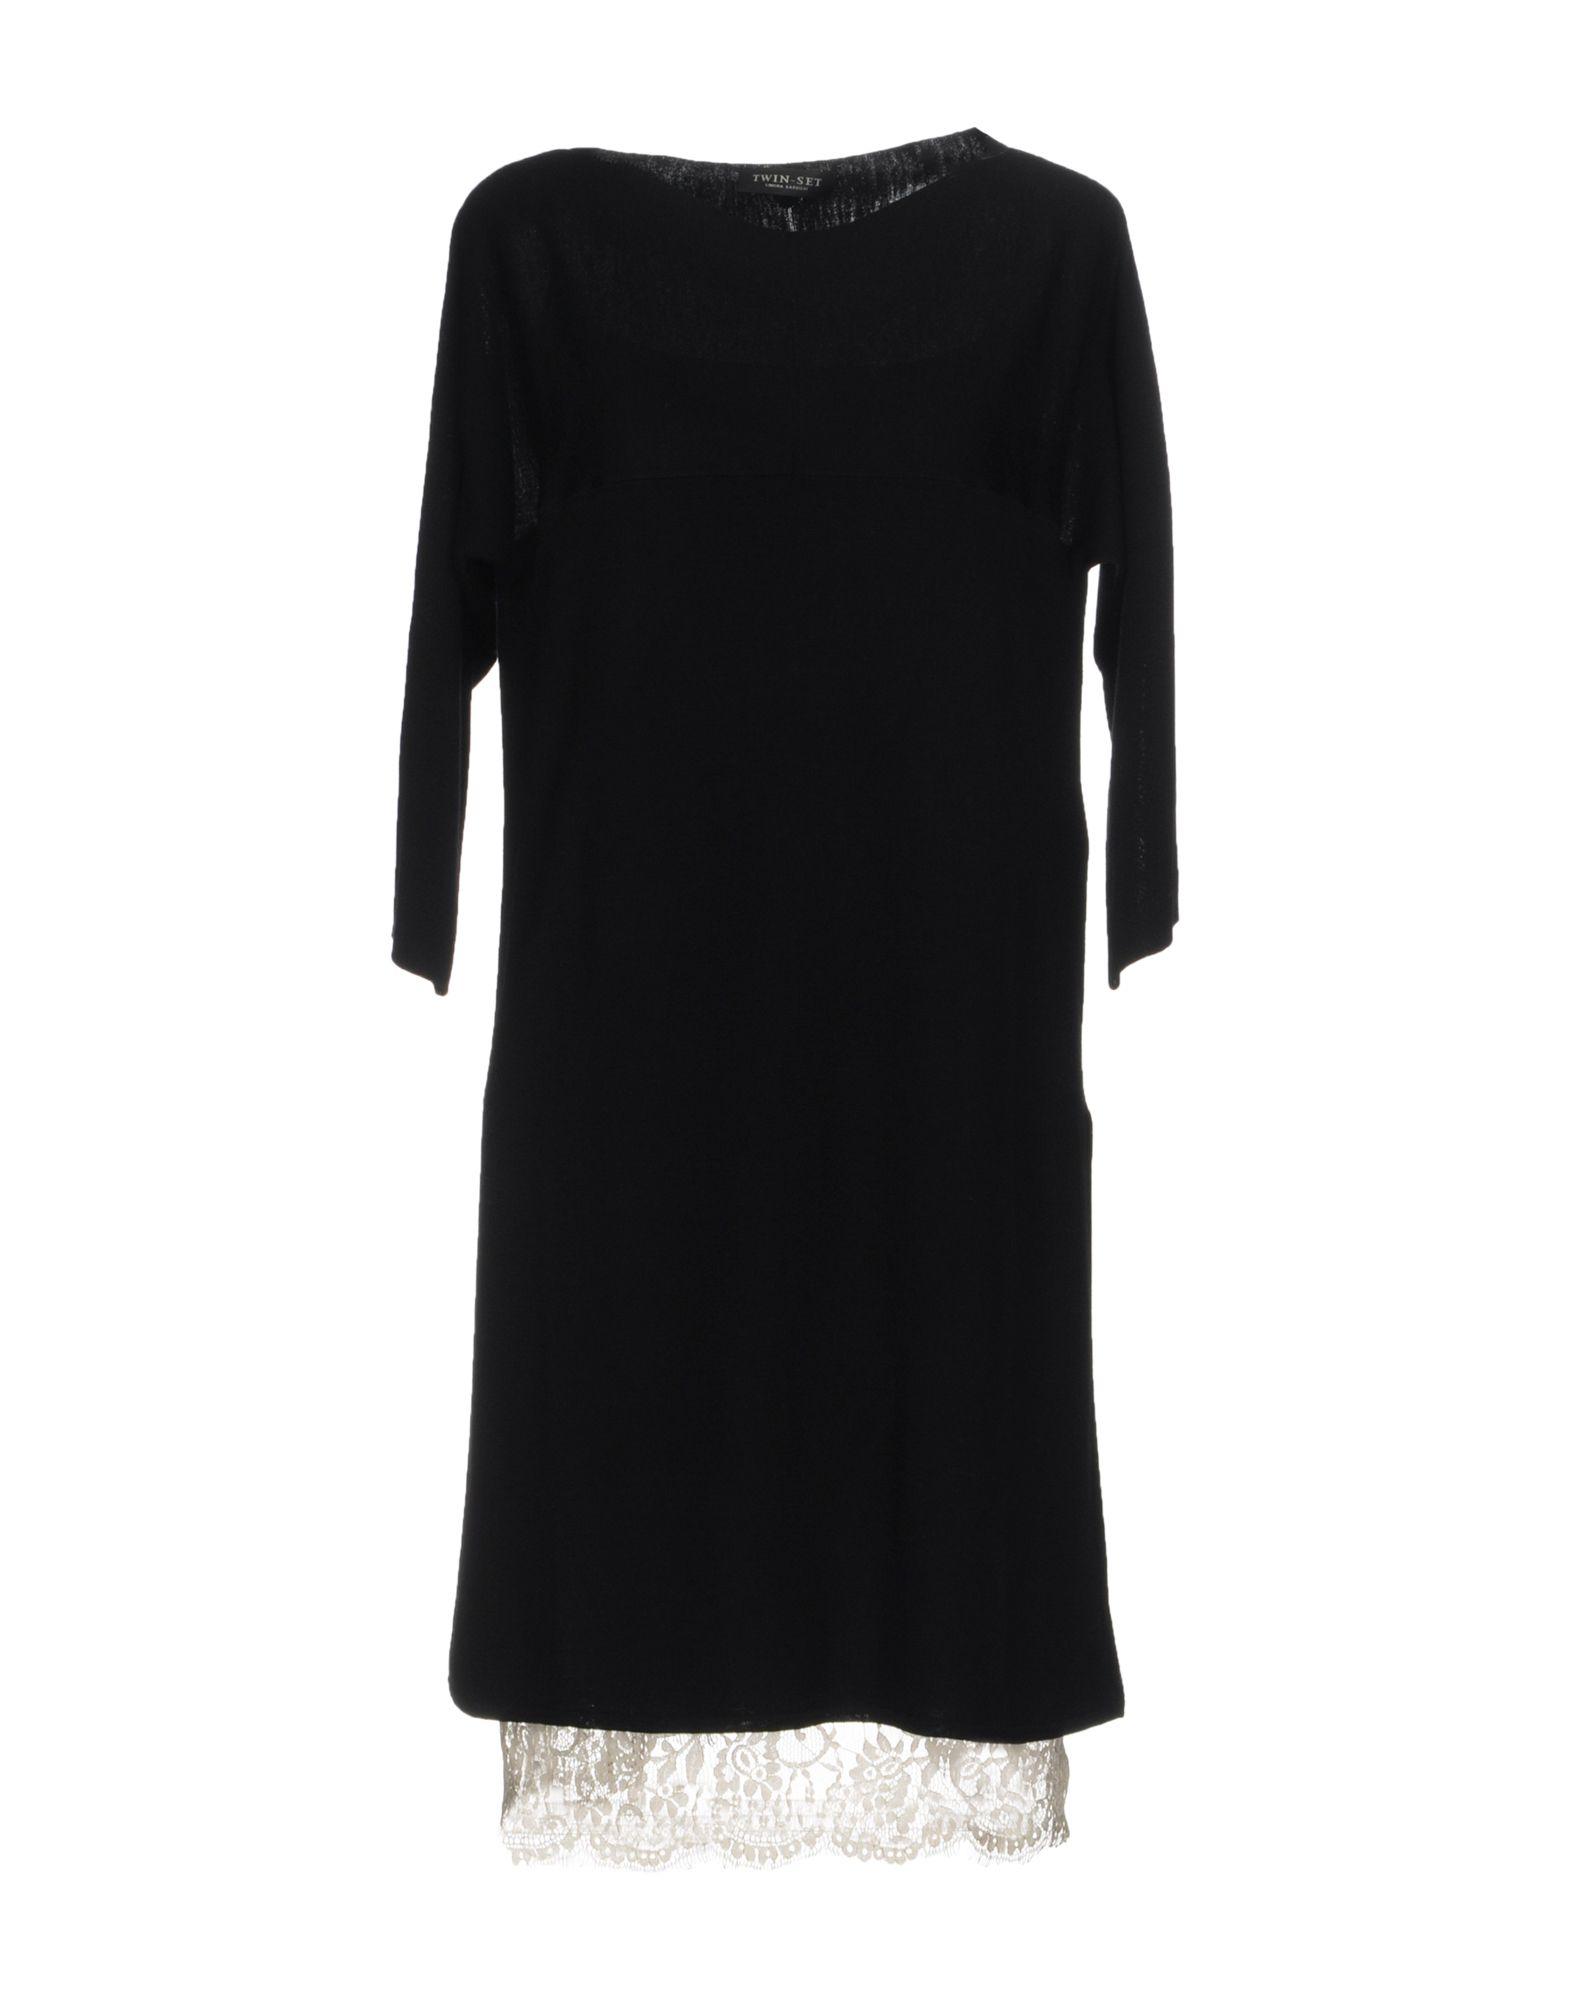 Twin-set Simona Barbieri Short Dresses